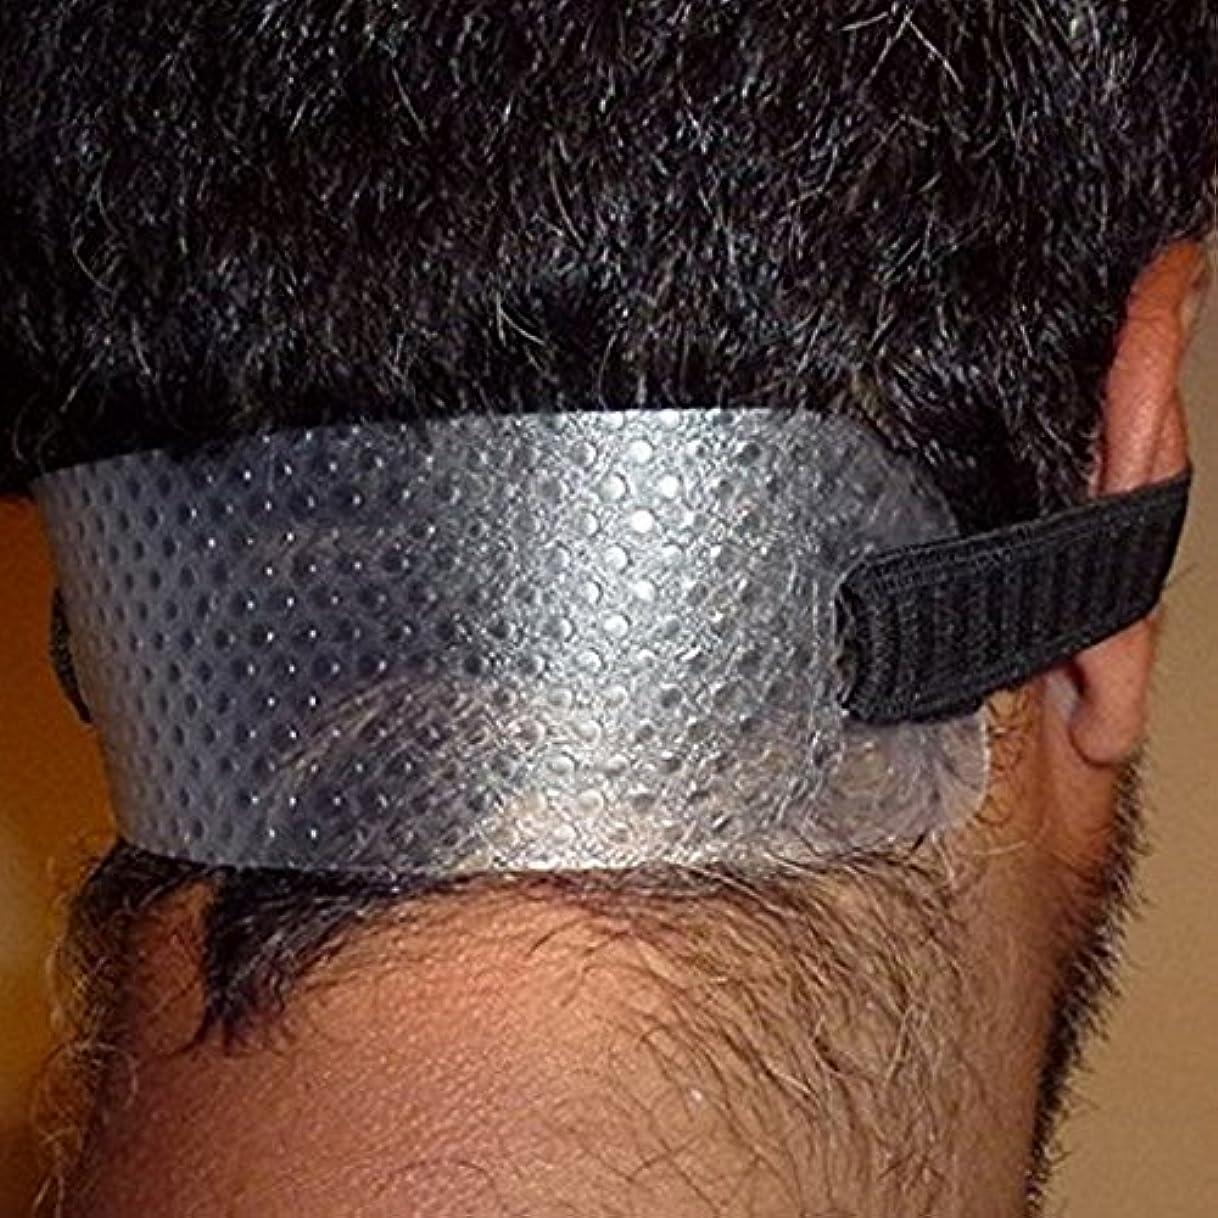 適度に準拠癌Fashionwu ネック ヘア ラインガイド ネックライン ヘアカットテンプレート ヘアツール